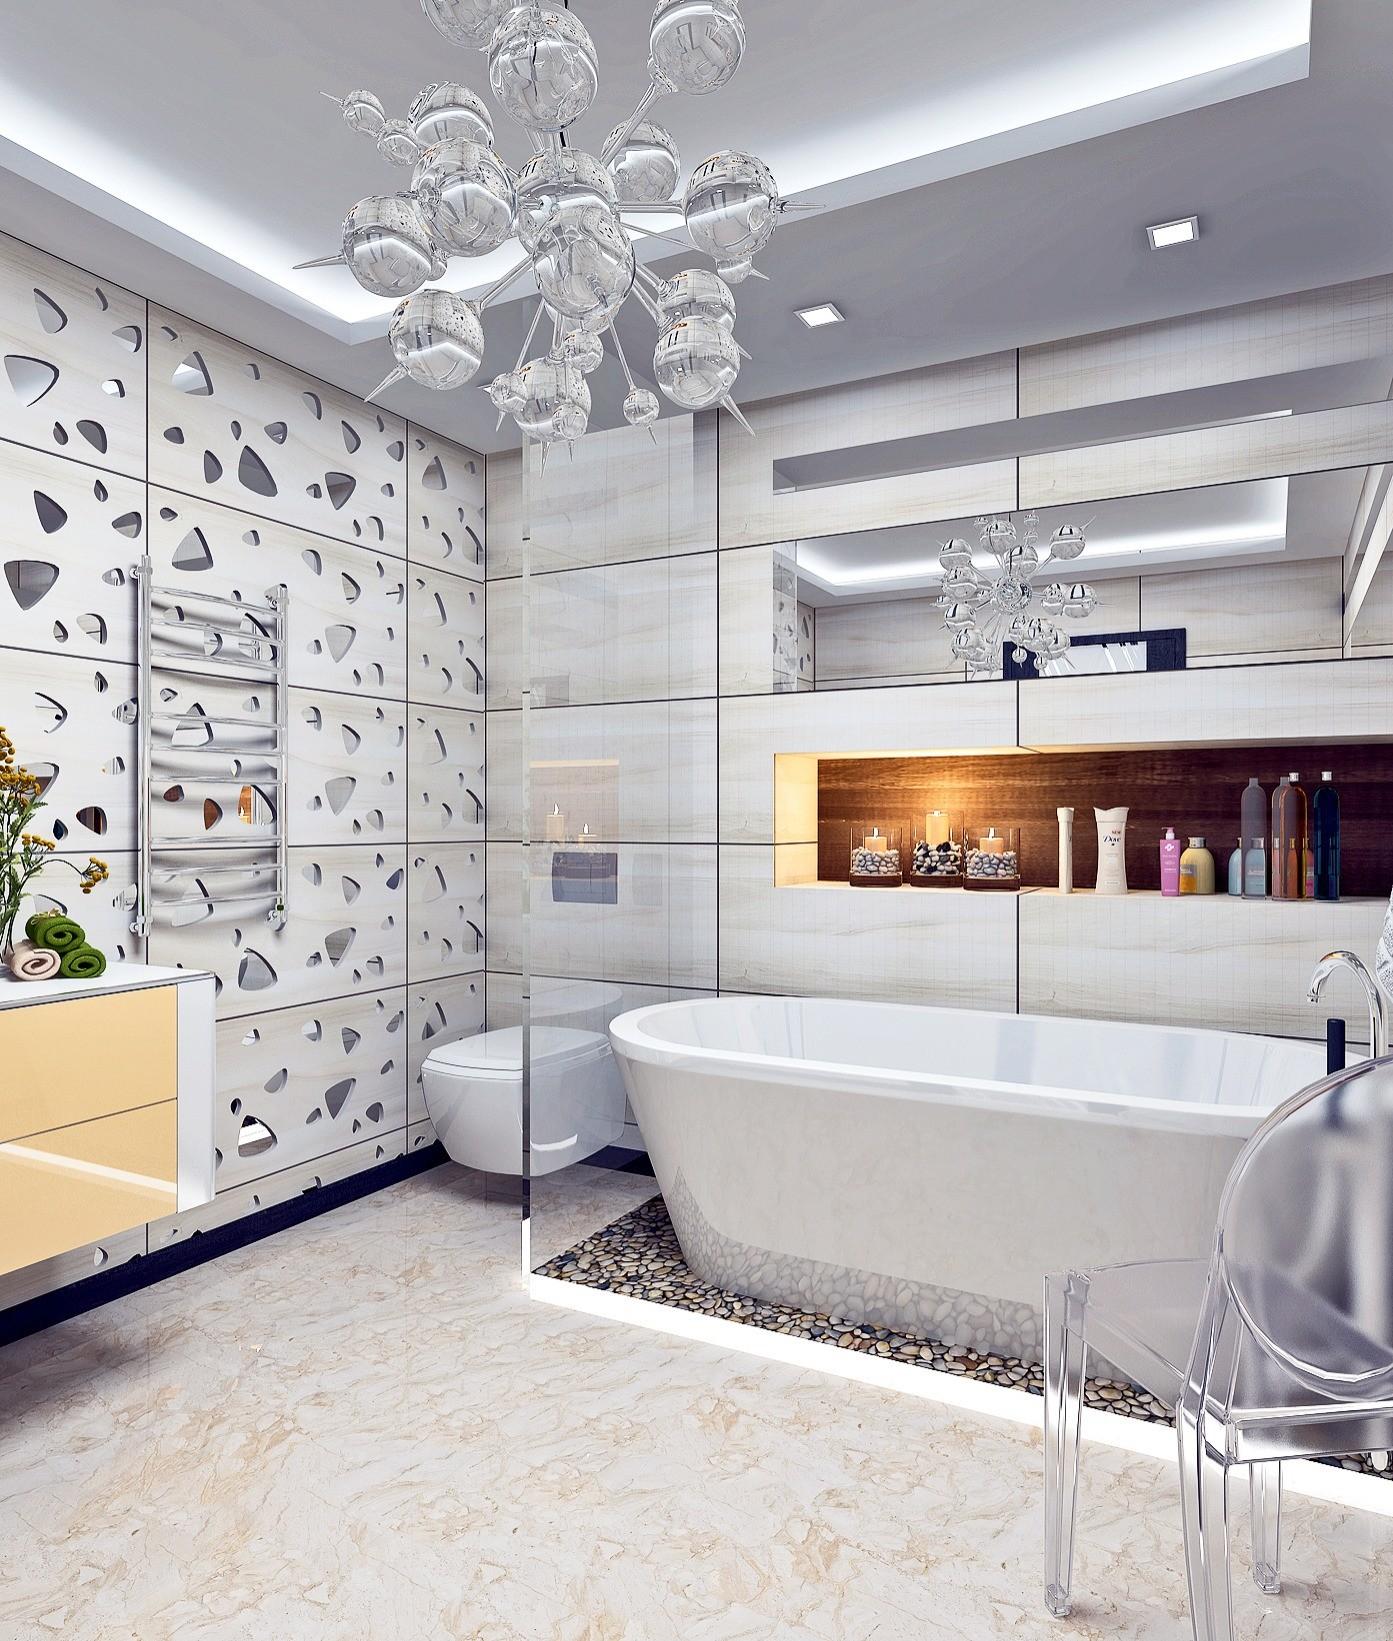 В отделке стен просторного помещения используется универсальная по цвету серо-бежевая плитка. Стена в зоне раковины выделена элементами с прорезями, в которые вставлены зеркала, создающие...